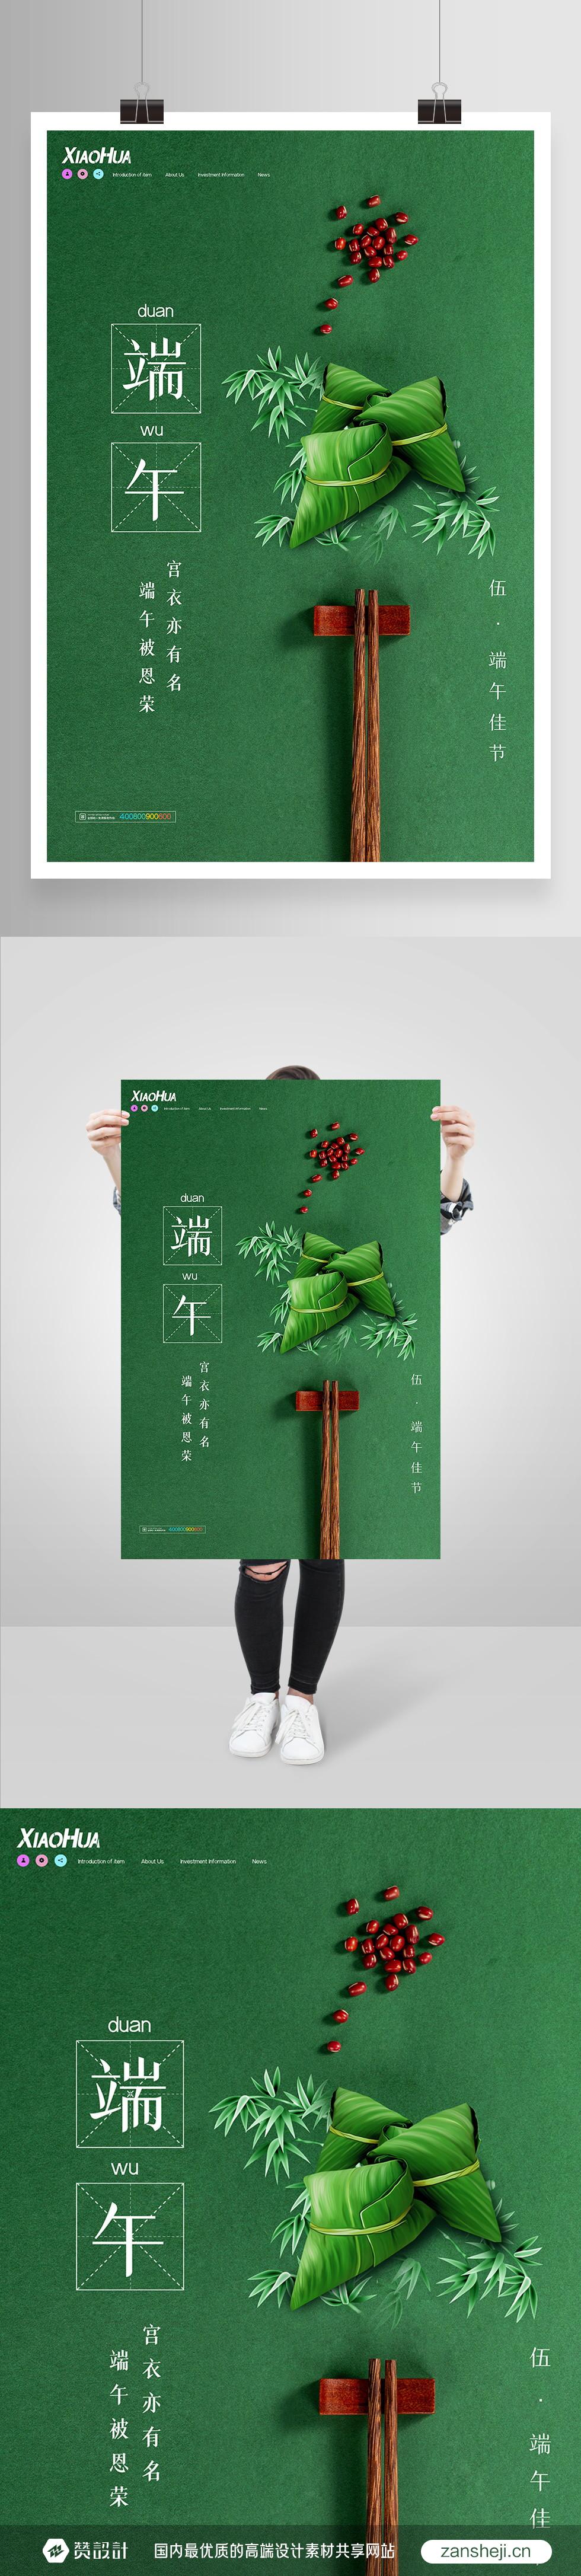 绿色端午节简约海报素材